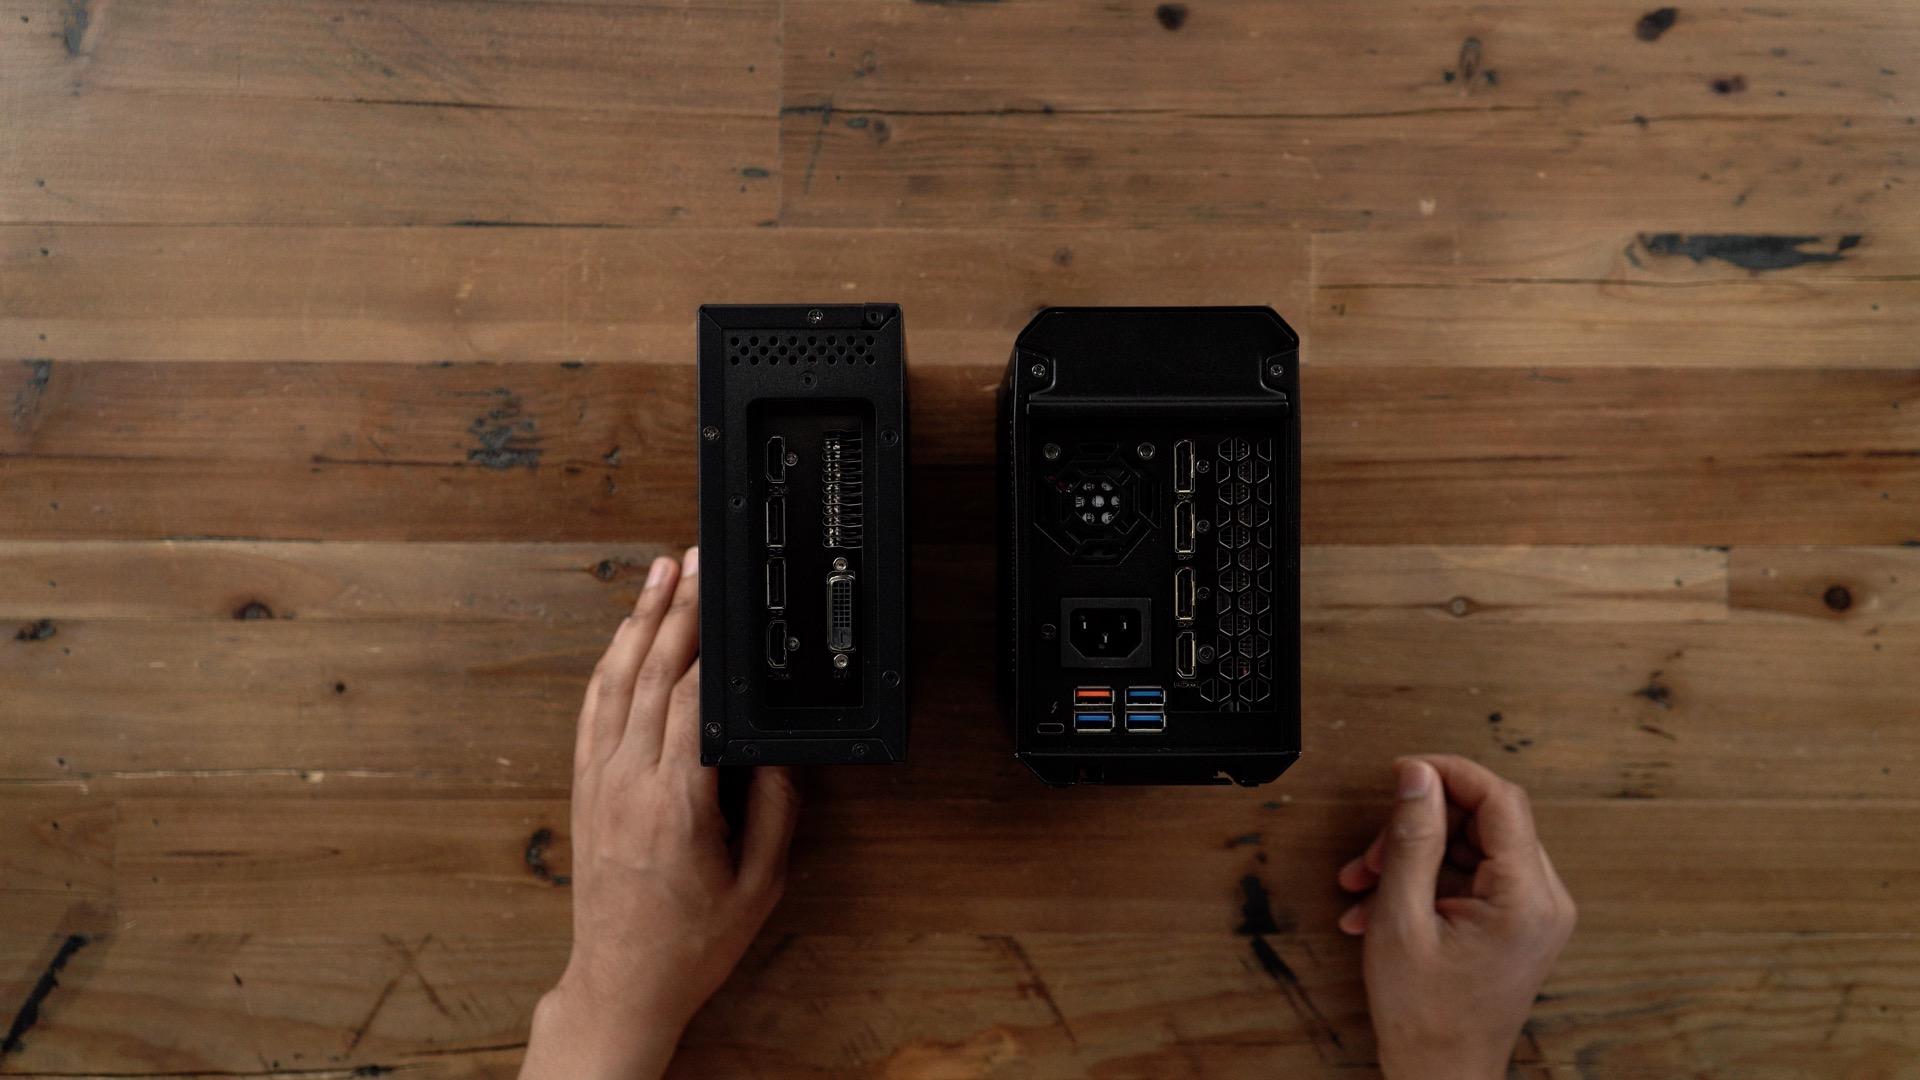 PowerColor Mini Pro eGPU RX 570 vs Gigabyte Gaming Box IO comparison